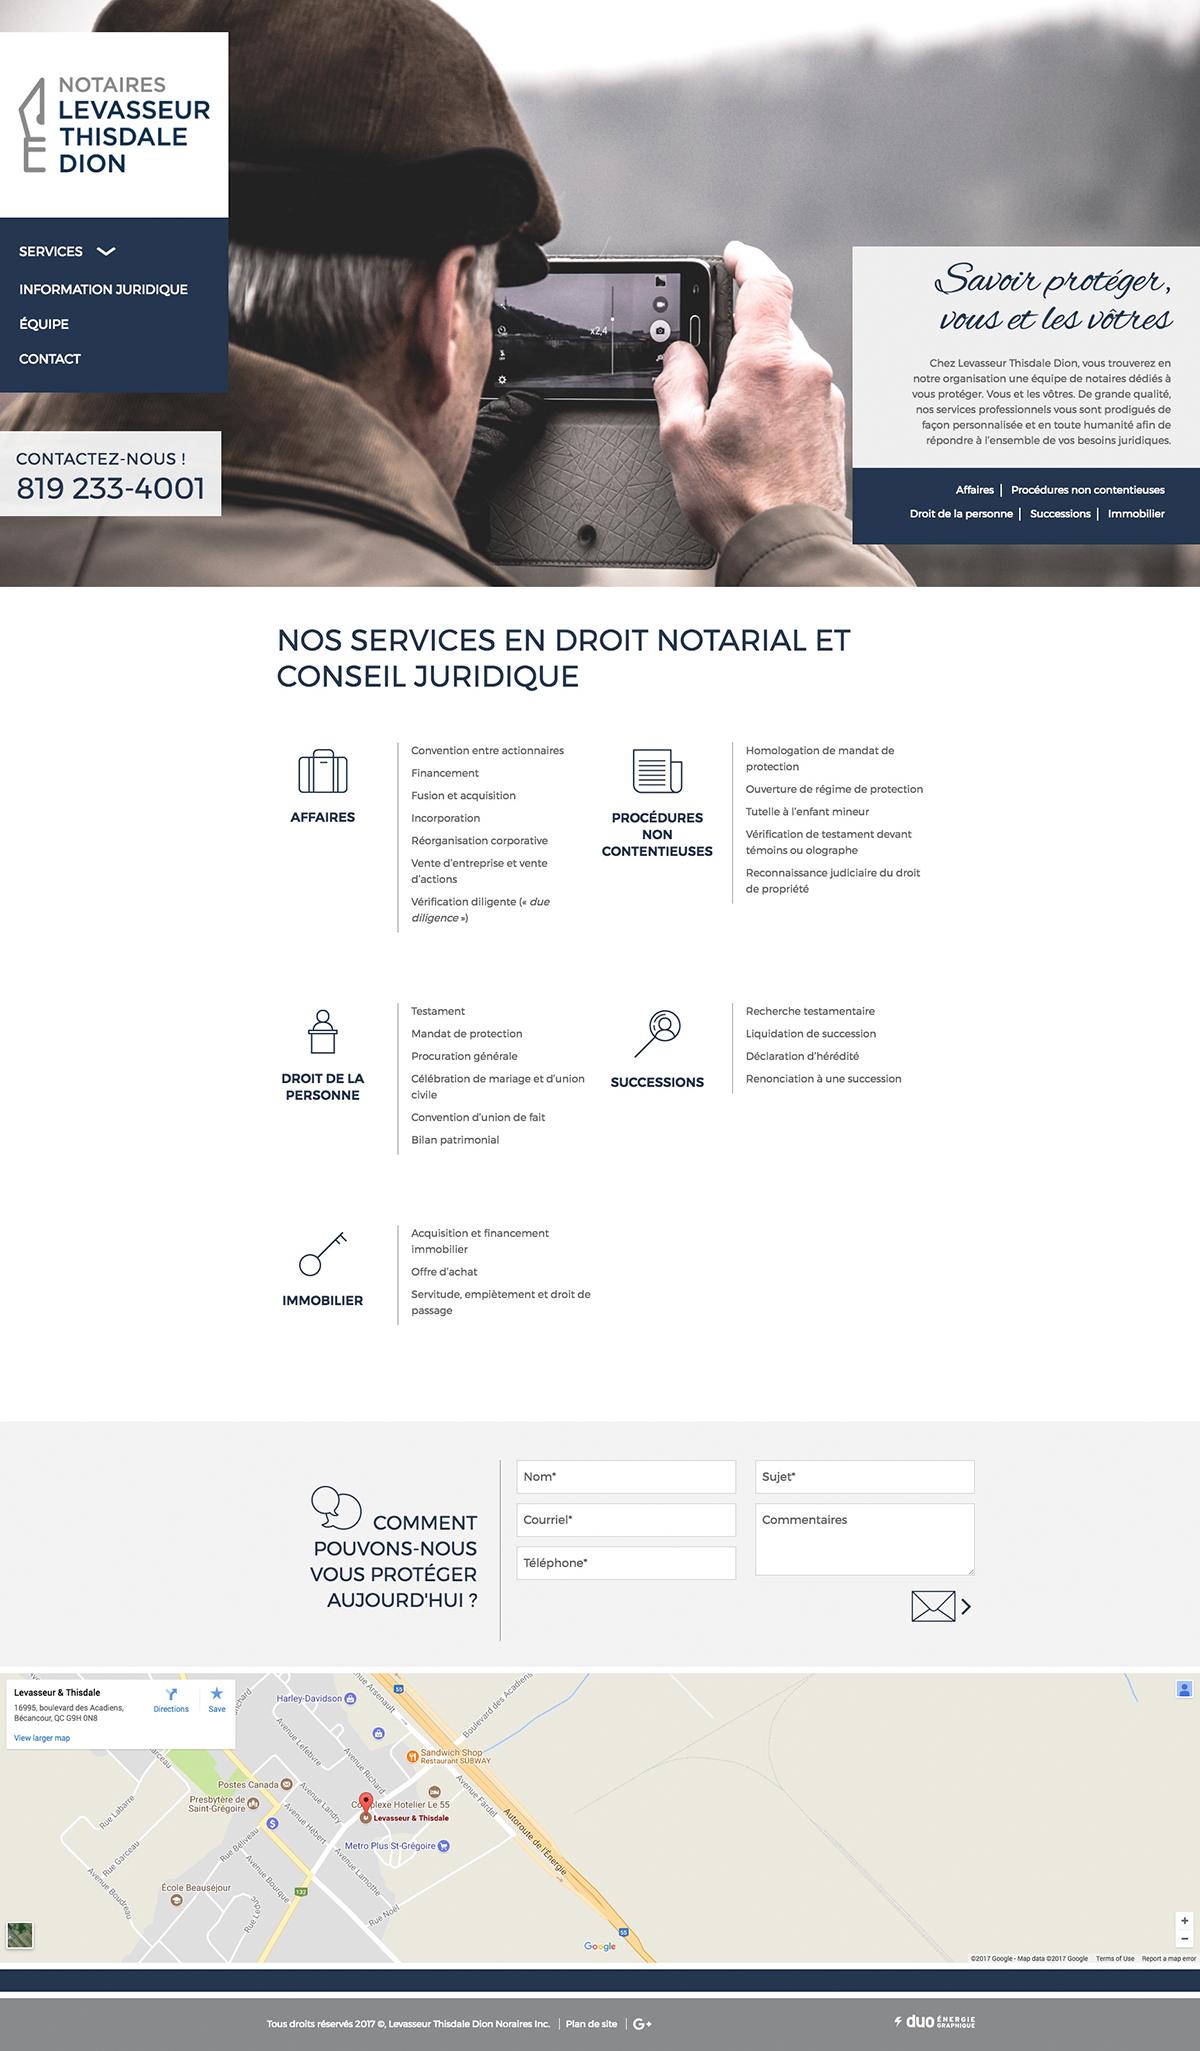 Levasseur Thisdale Dion - Notaires et conseillers juridiques<